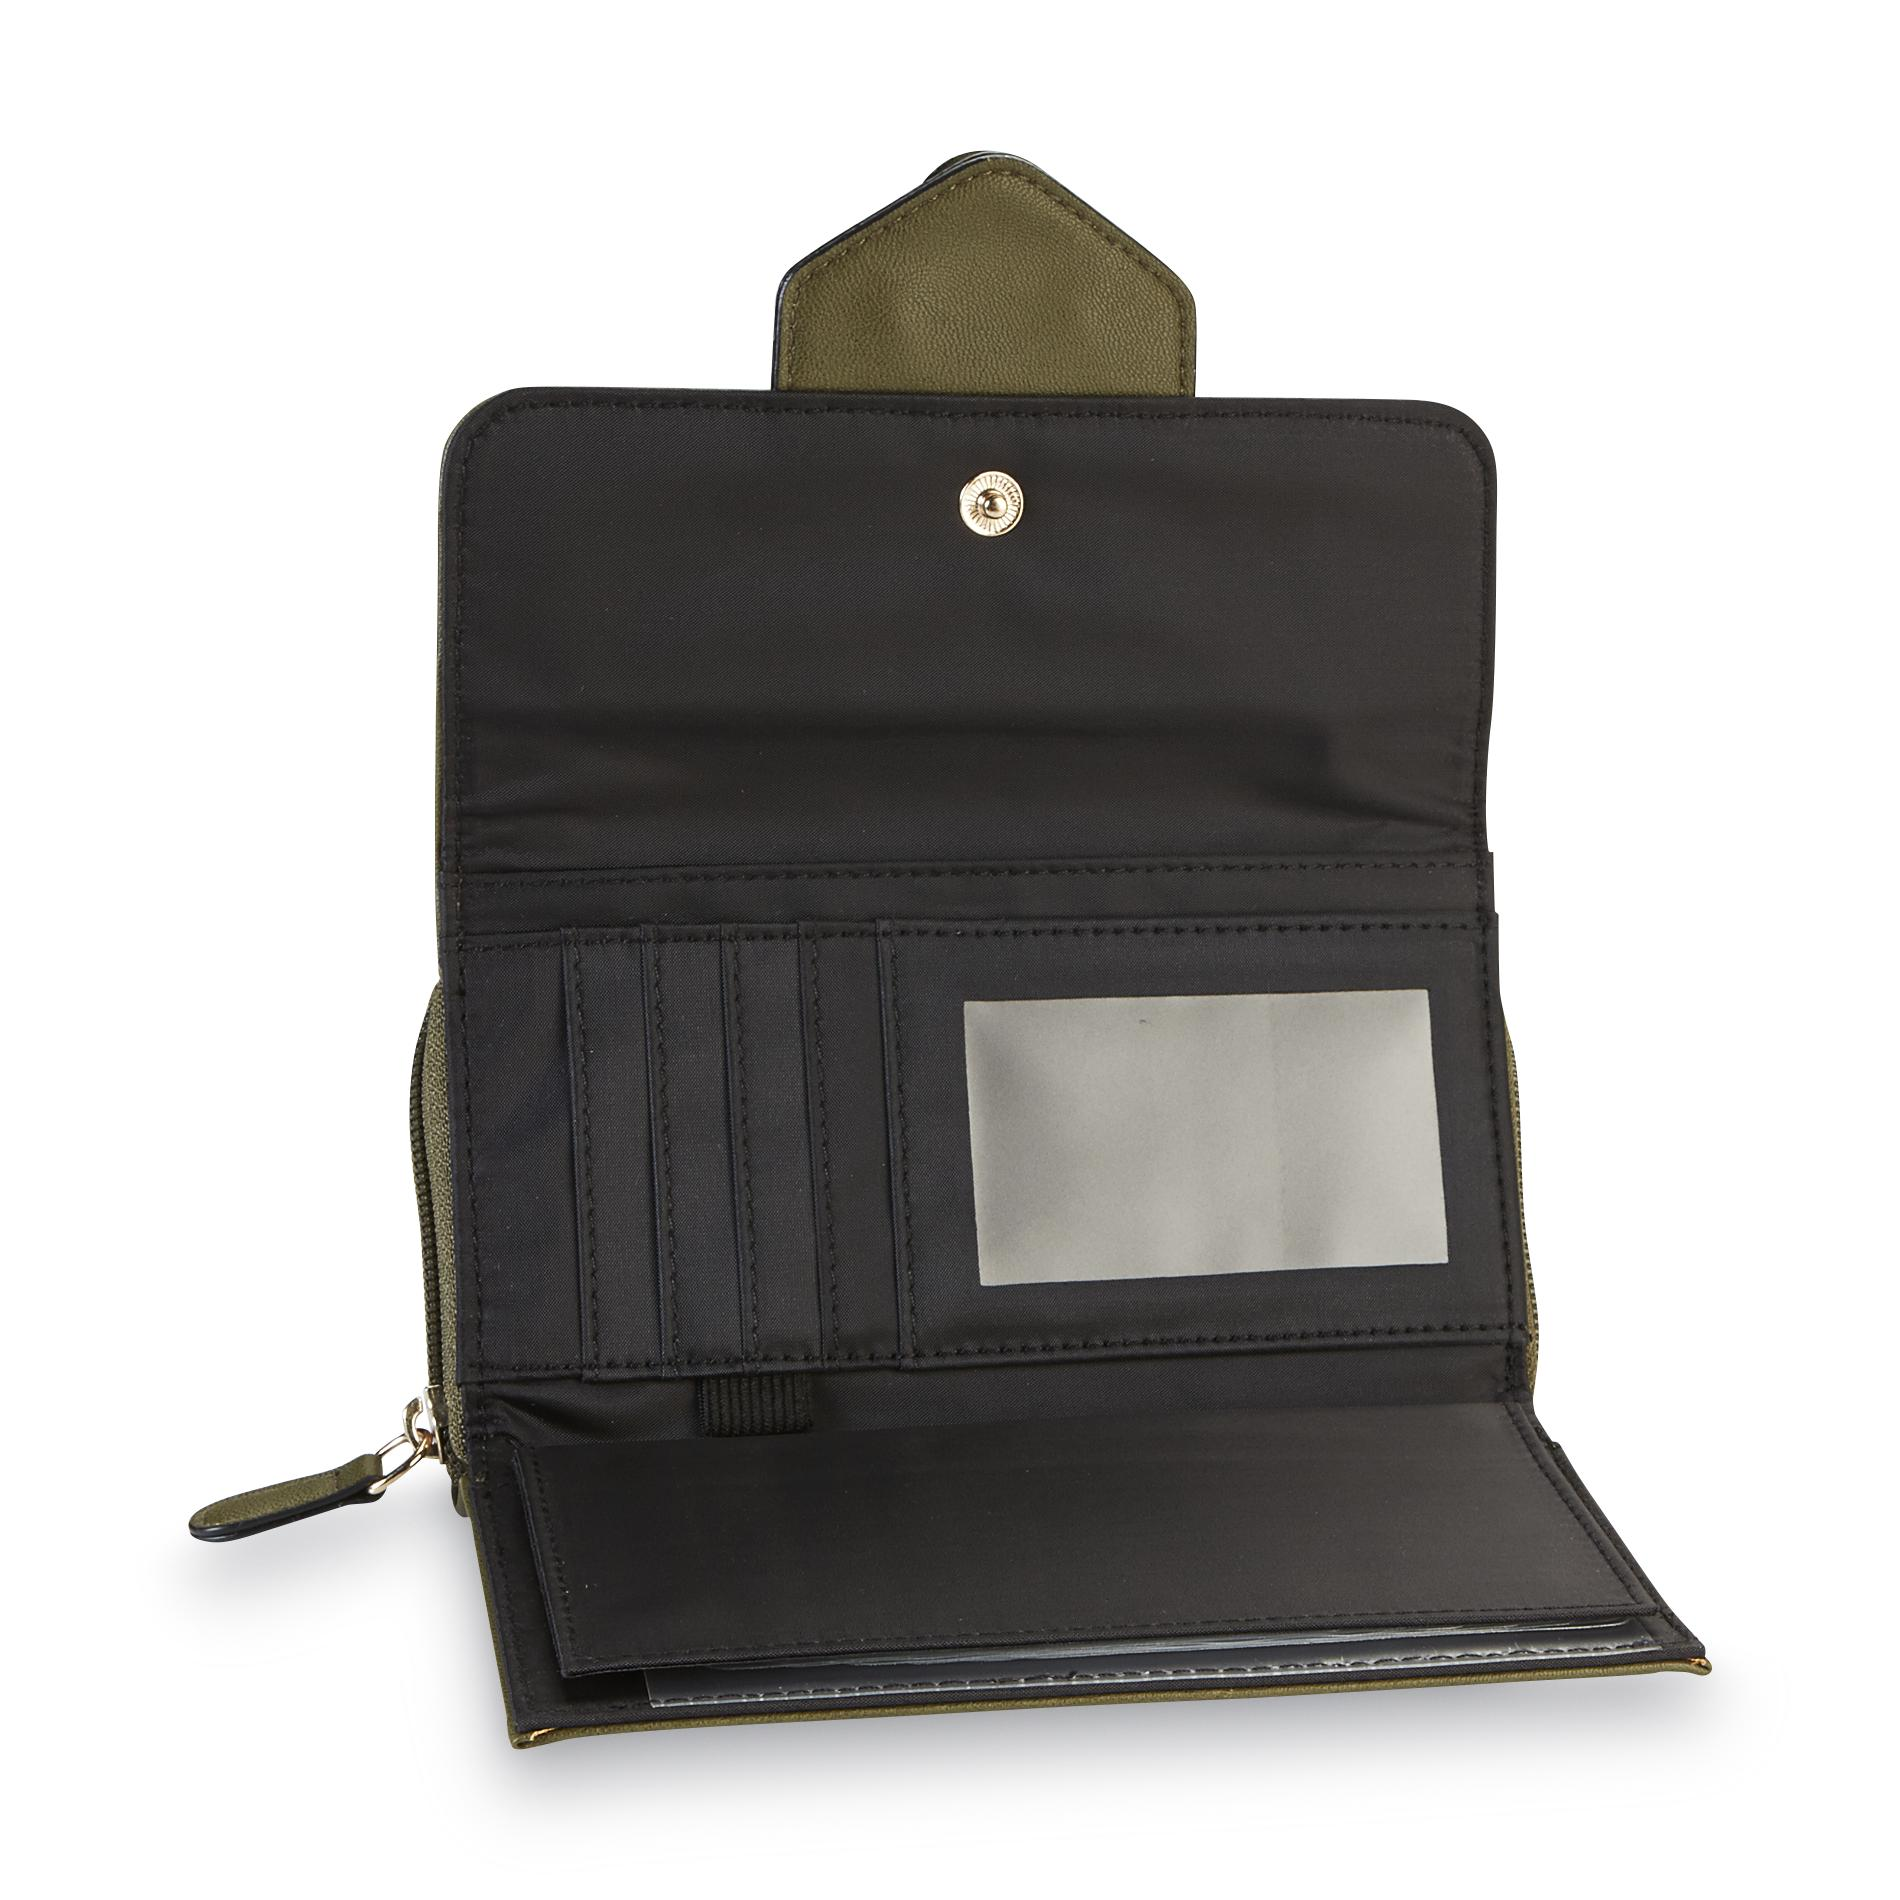 Jaclyn Smith Women's Checkbook Wallet